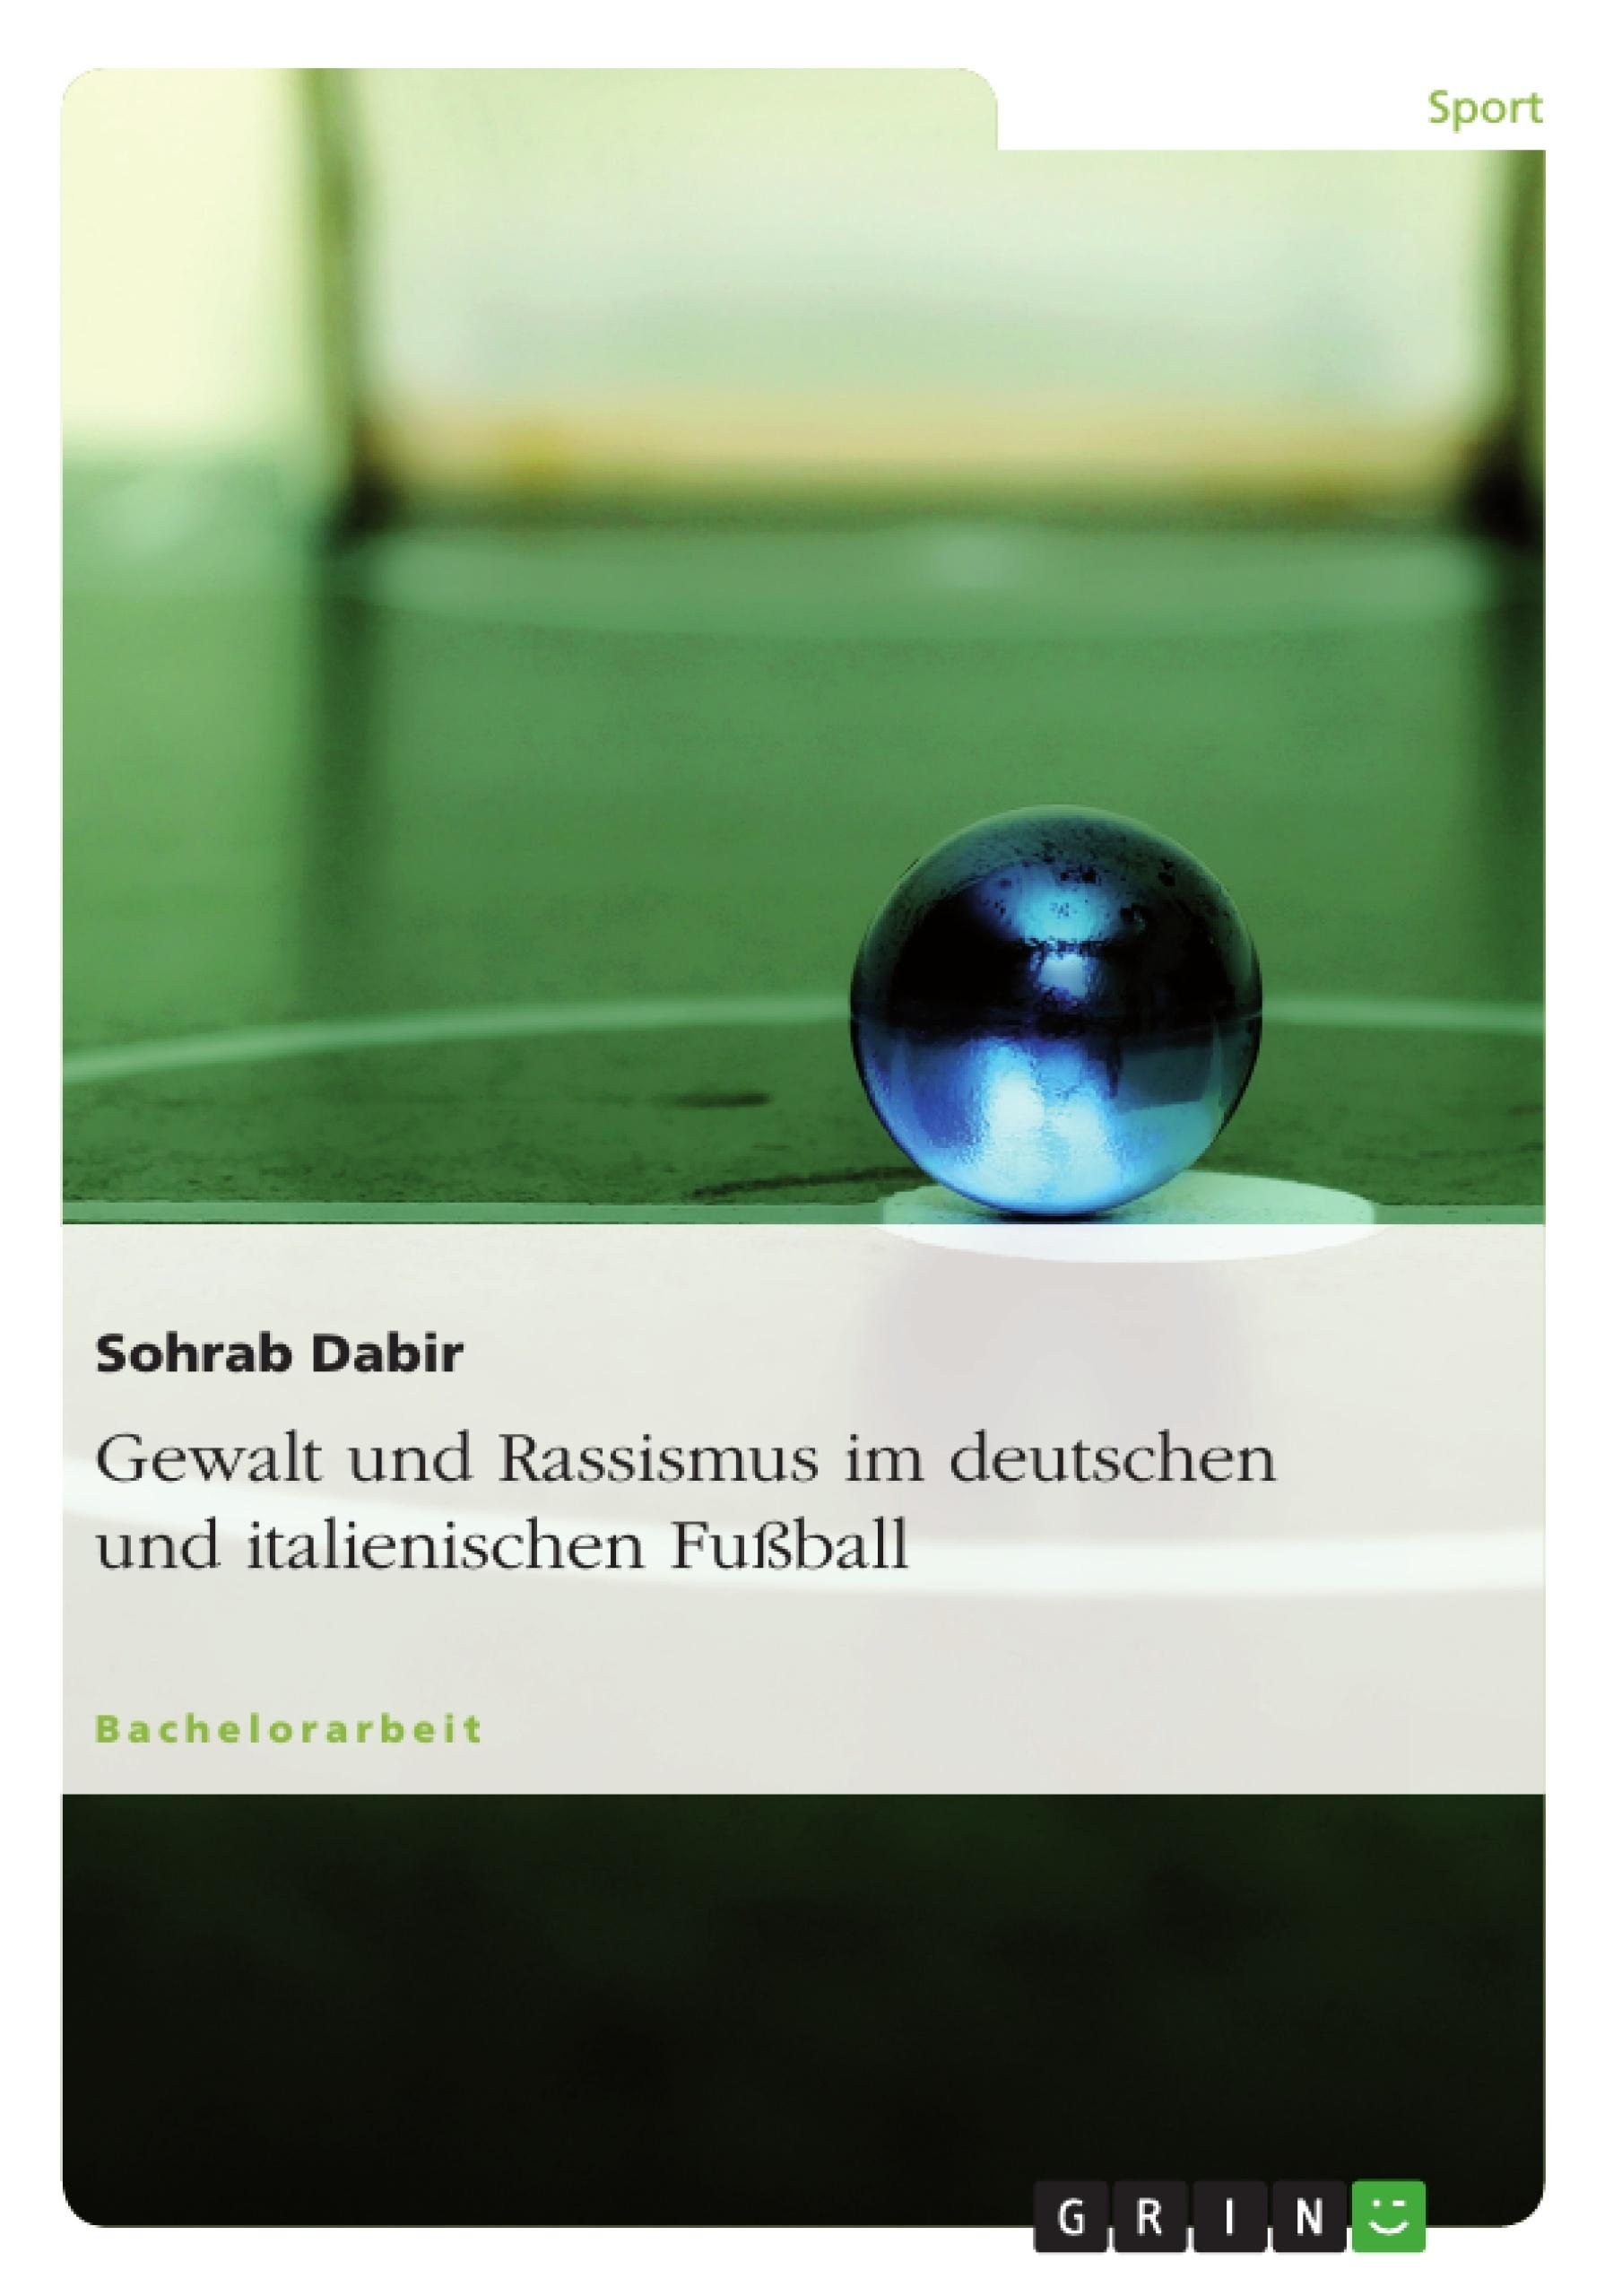 Titel: Gewalt und Rassismus im deutschen und italienischen Fußball